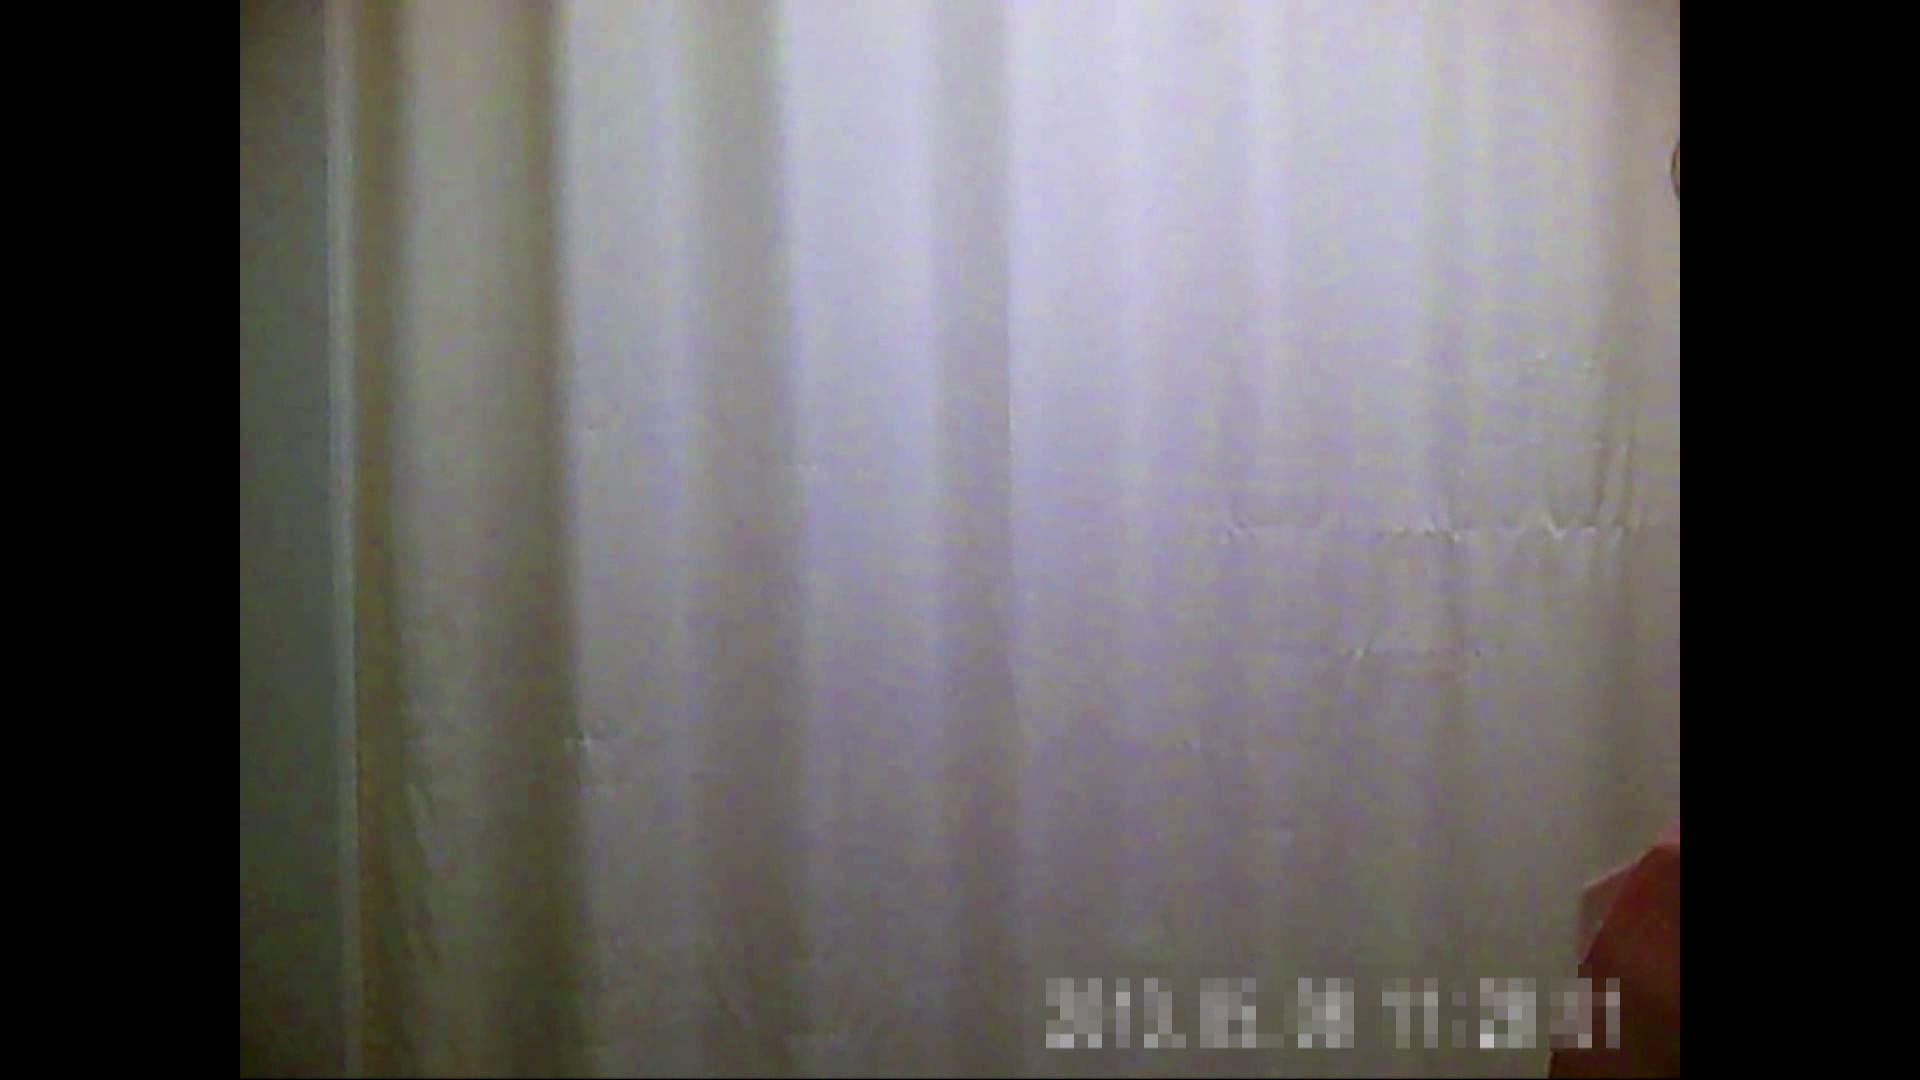 病院おもいっきり着替え! vol.209 着替え 隠し撮りセックス画像 58PICs 23